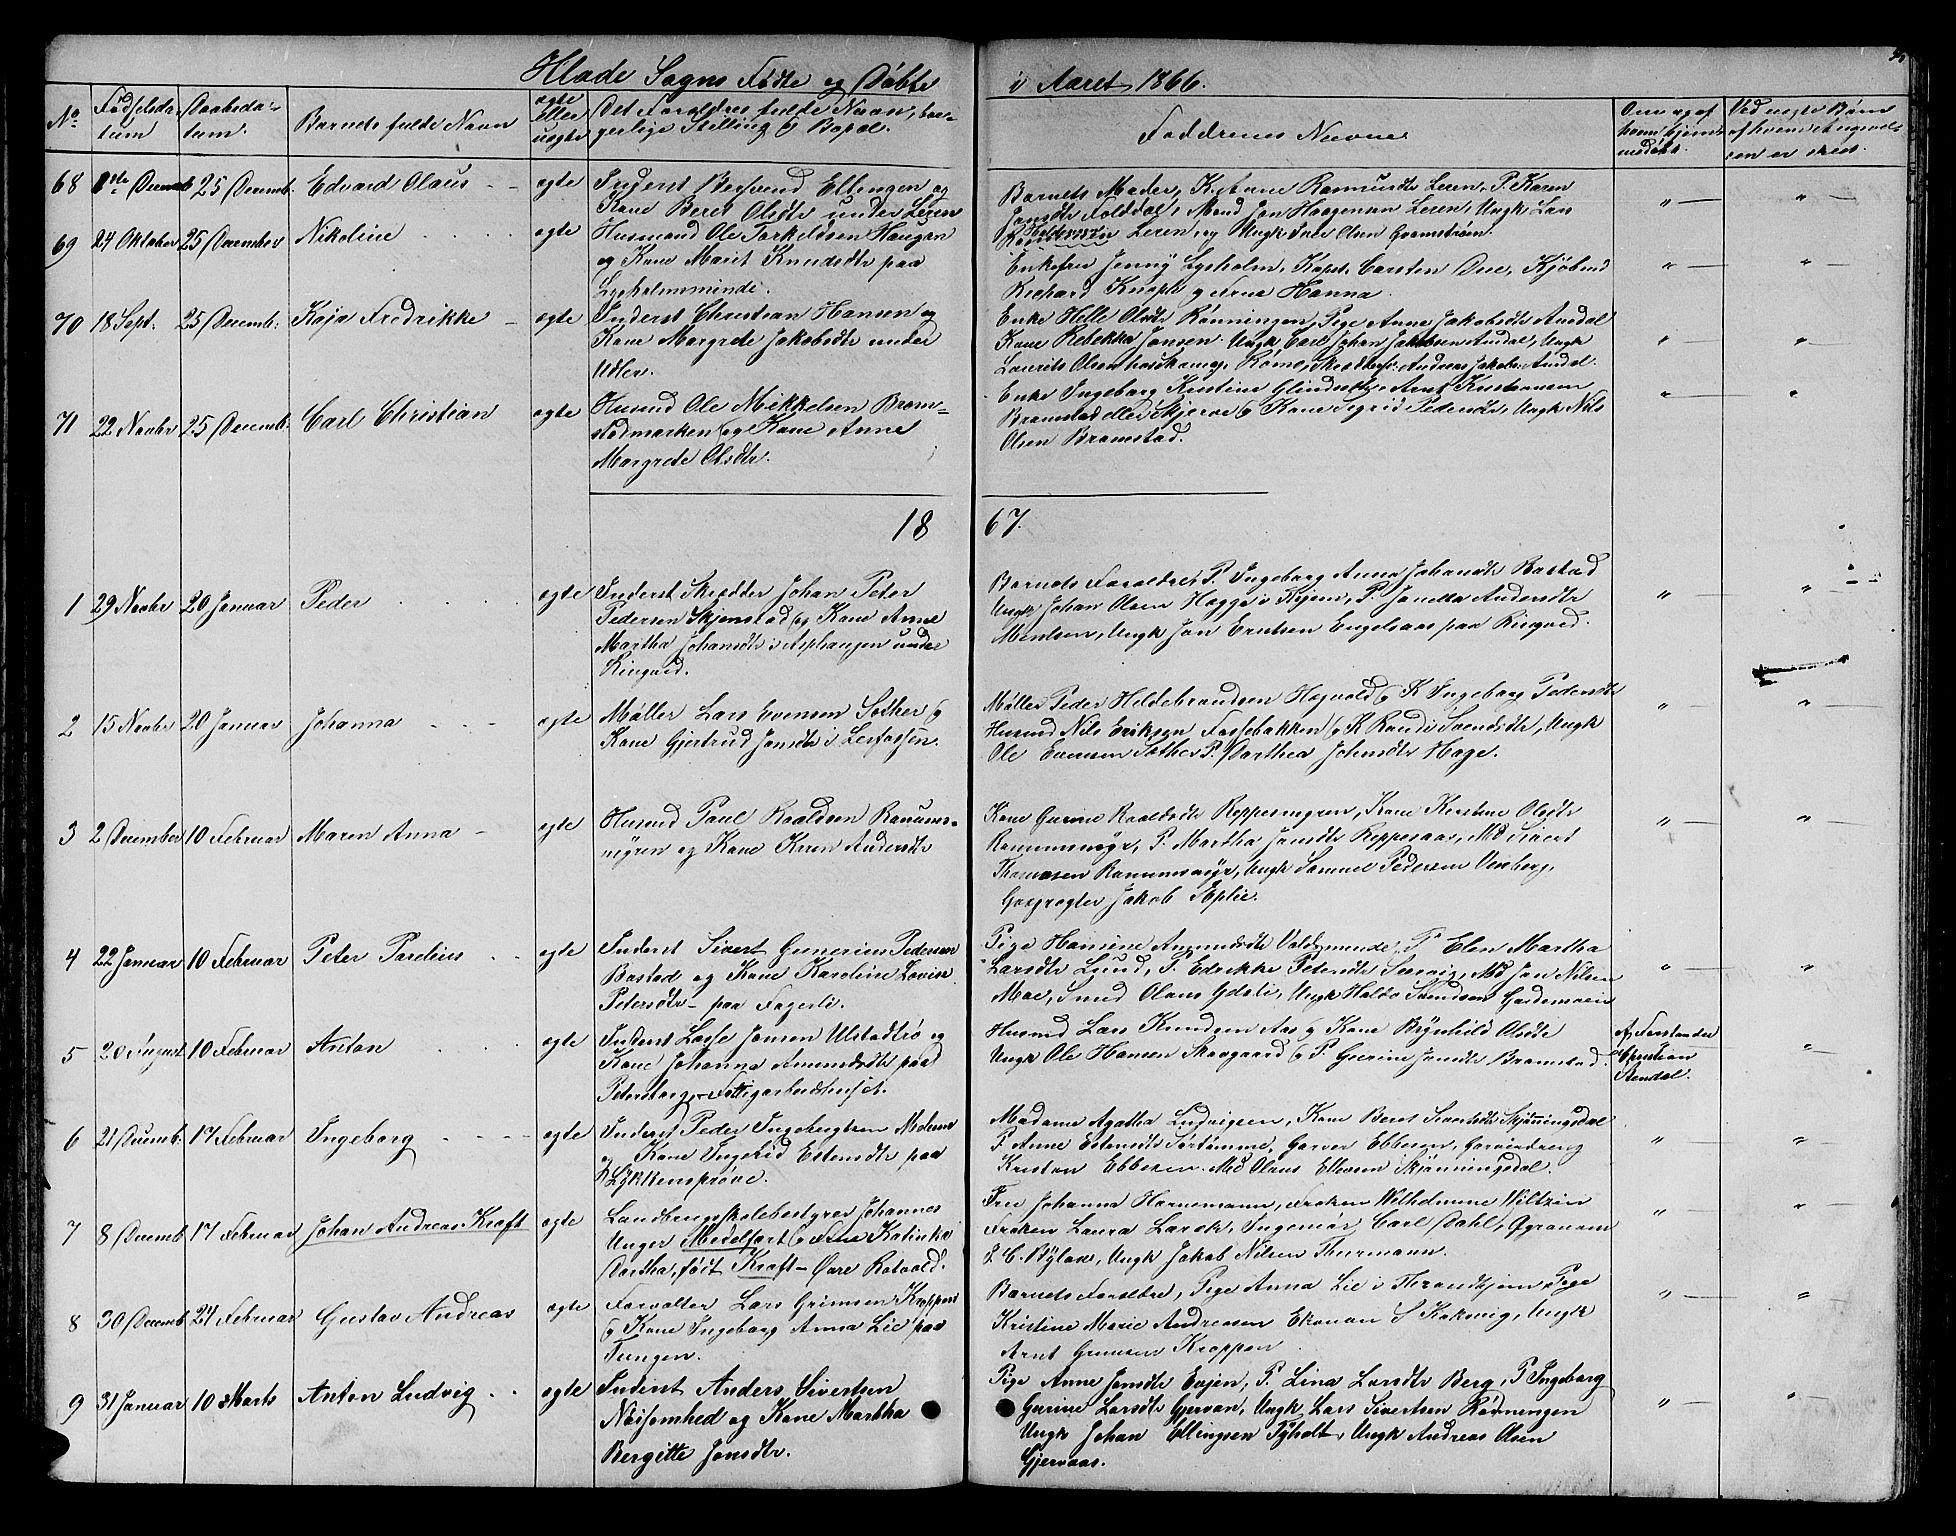 SAT, Ministerialprotokoller, klokkerbøker og fødselsregistre - Sør-Trøndelag, 606/L0311: Klokkerbok nr. 606C07, 1860-1877, s. 54